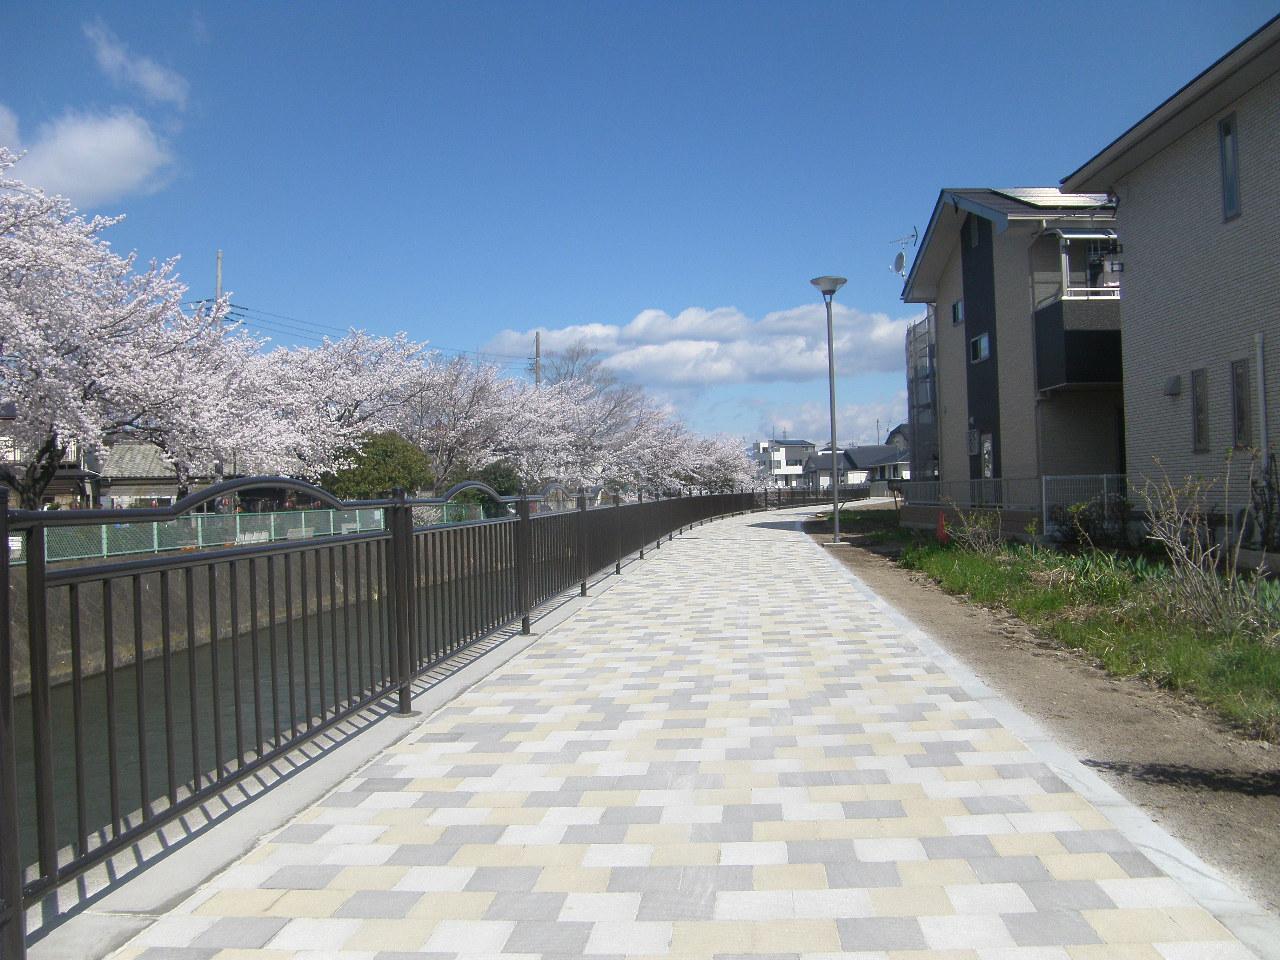 松並木土地区画整理事業 広瀬川河畔道路整備工事 写真